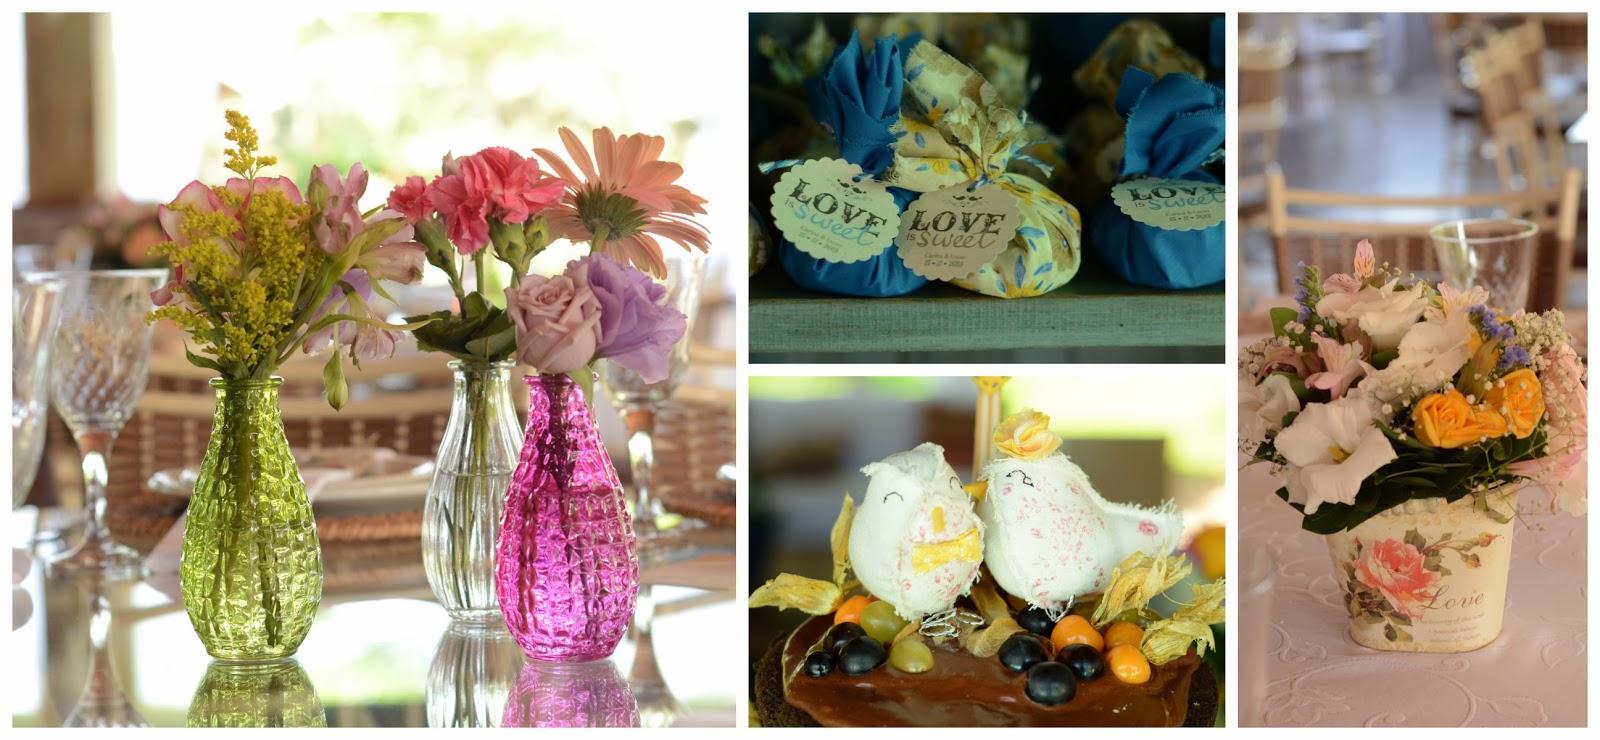 decoracao-topo-bolo-casamento-dia-azul-amarelo